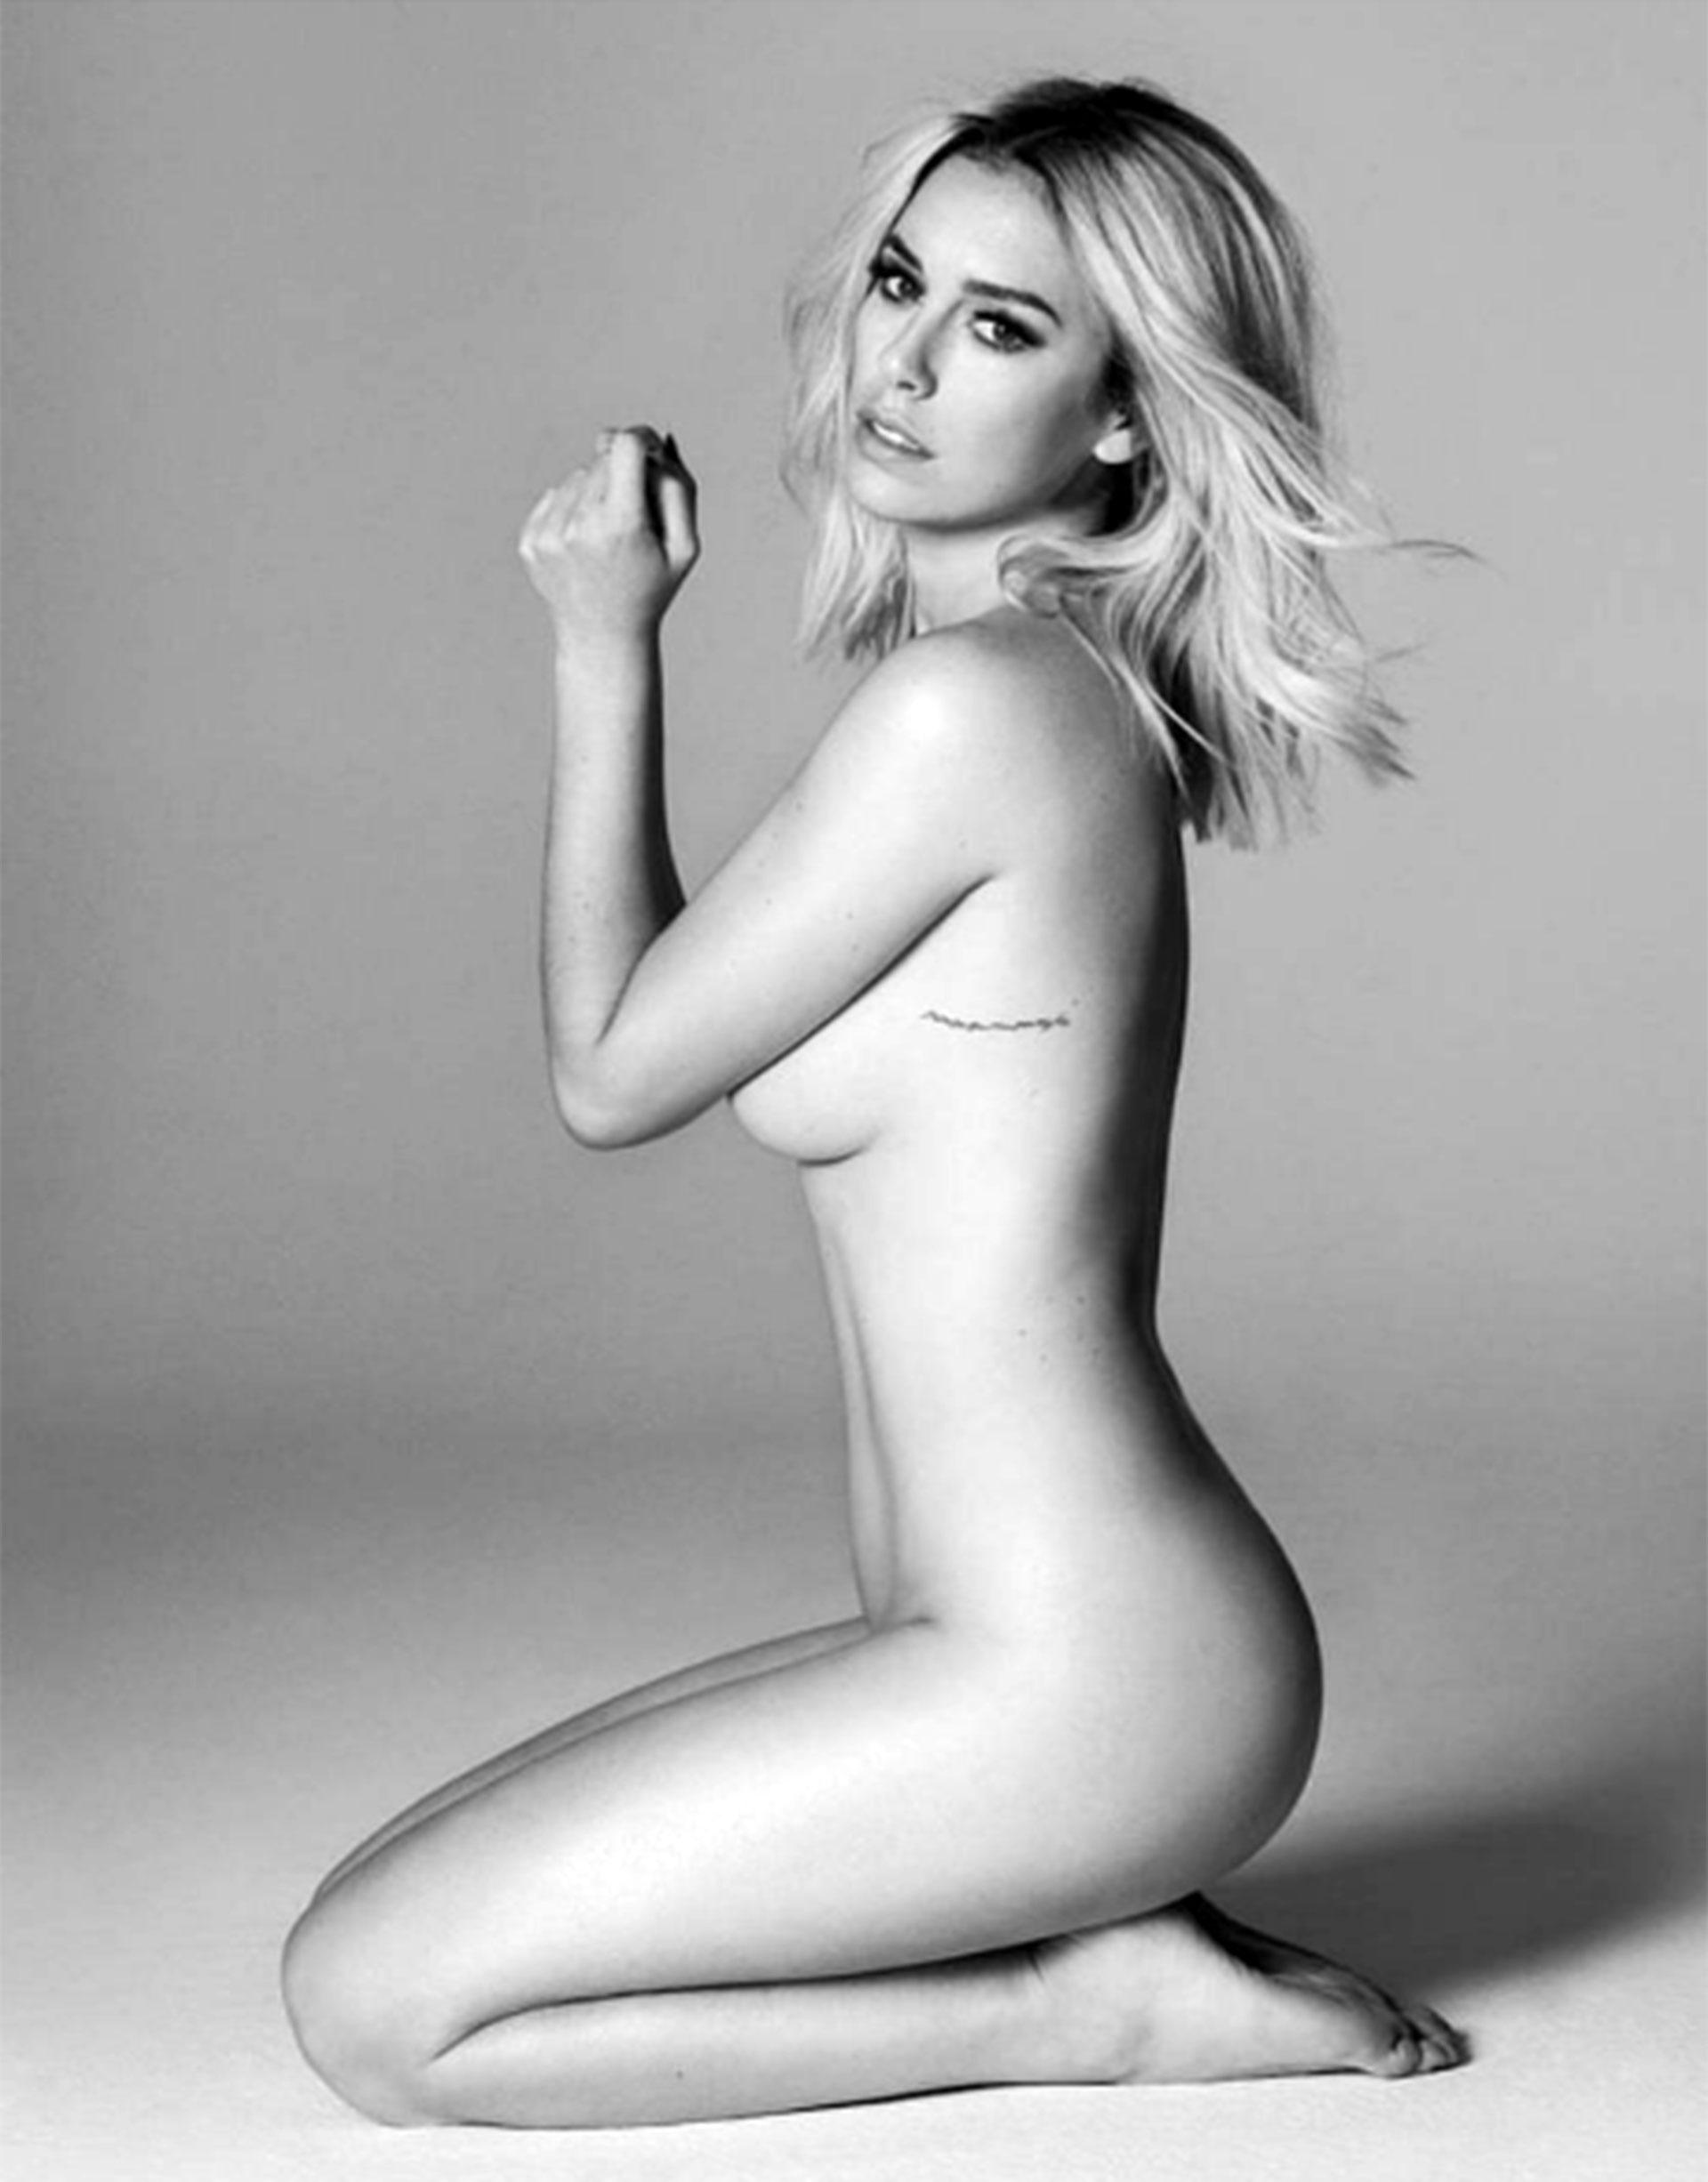 """44d3a9901edc Estas imágenes sin ropa de la actriz se dan a conocer después de la  contundente e irónica respuesta que le dio a un usuario de Twitter que la  llamó """"gorda""""."""